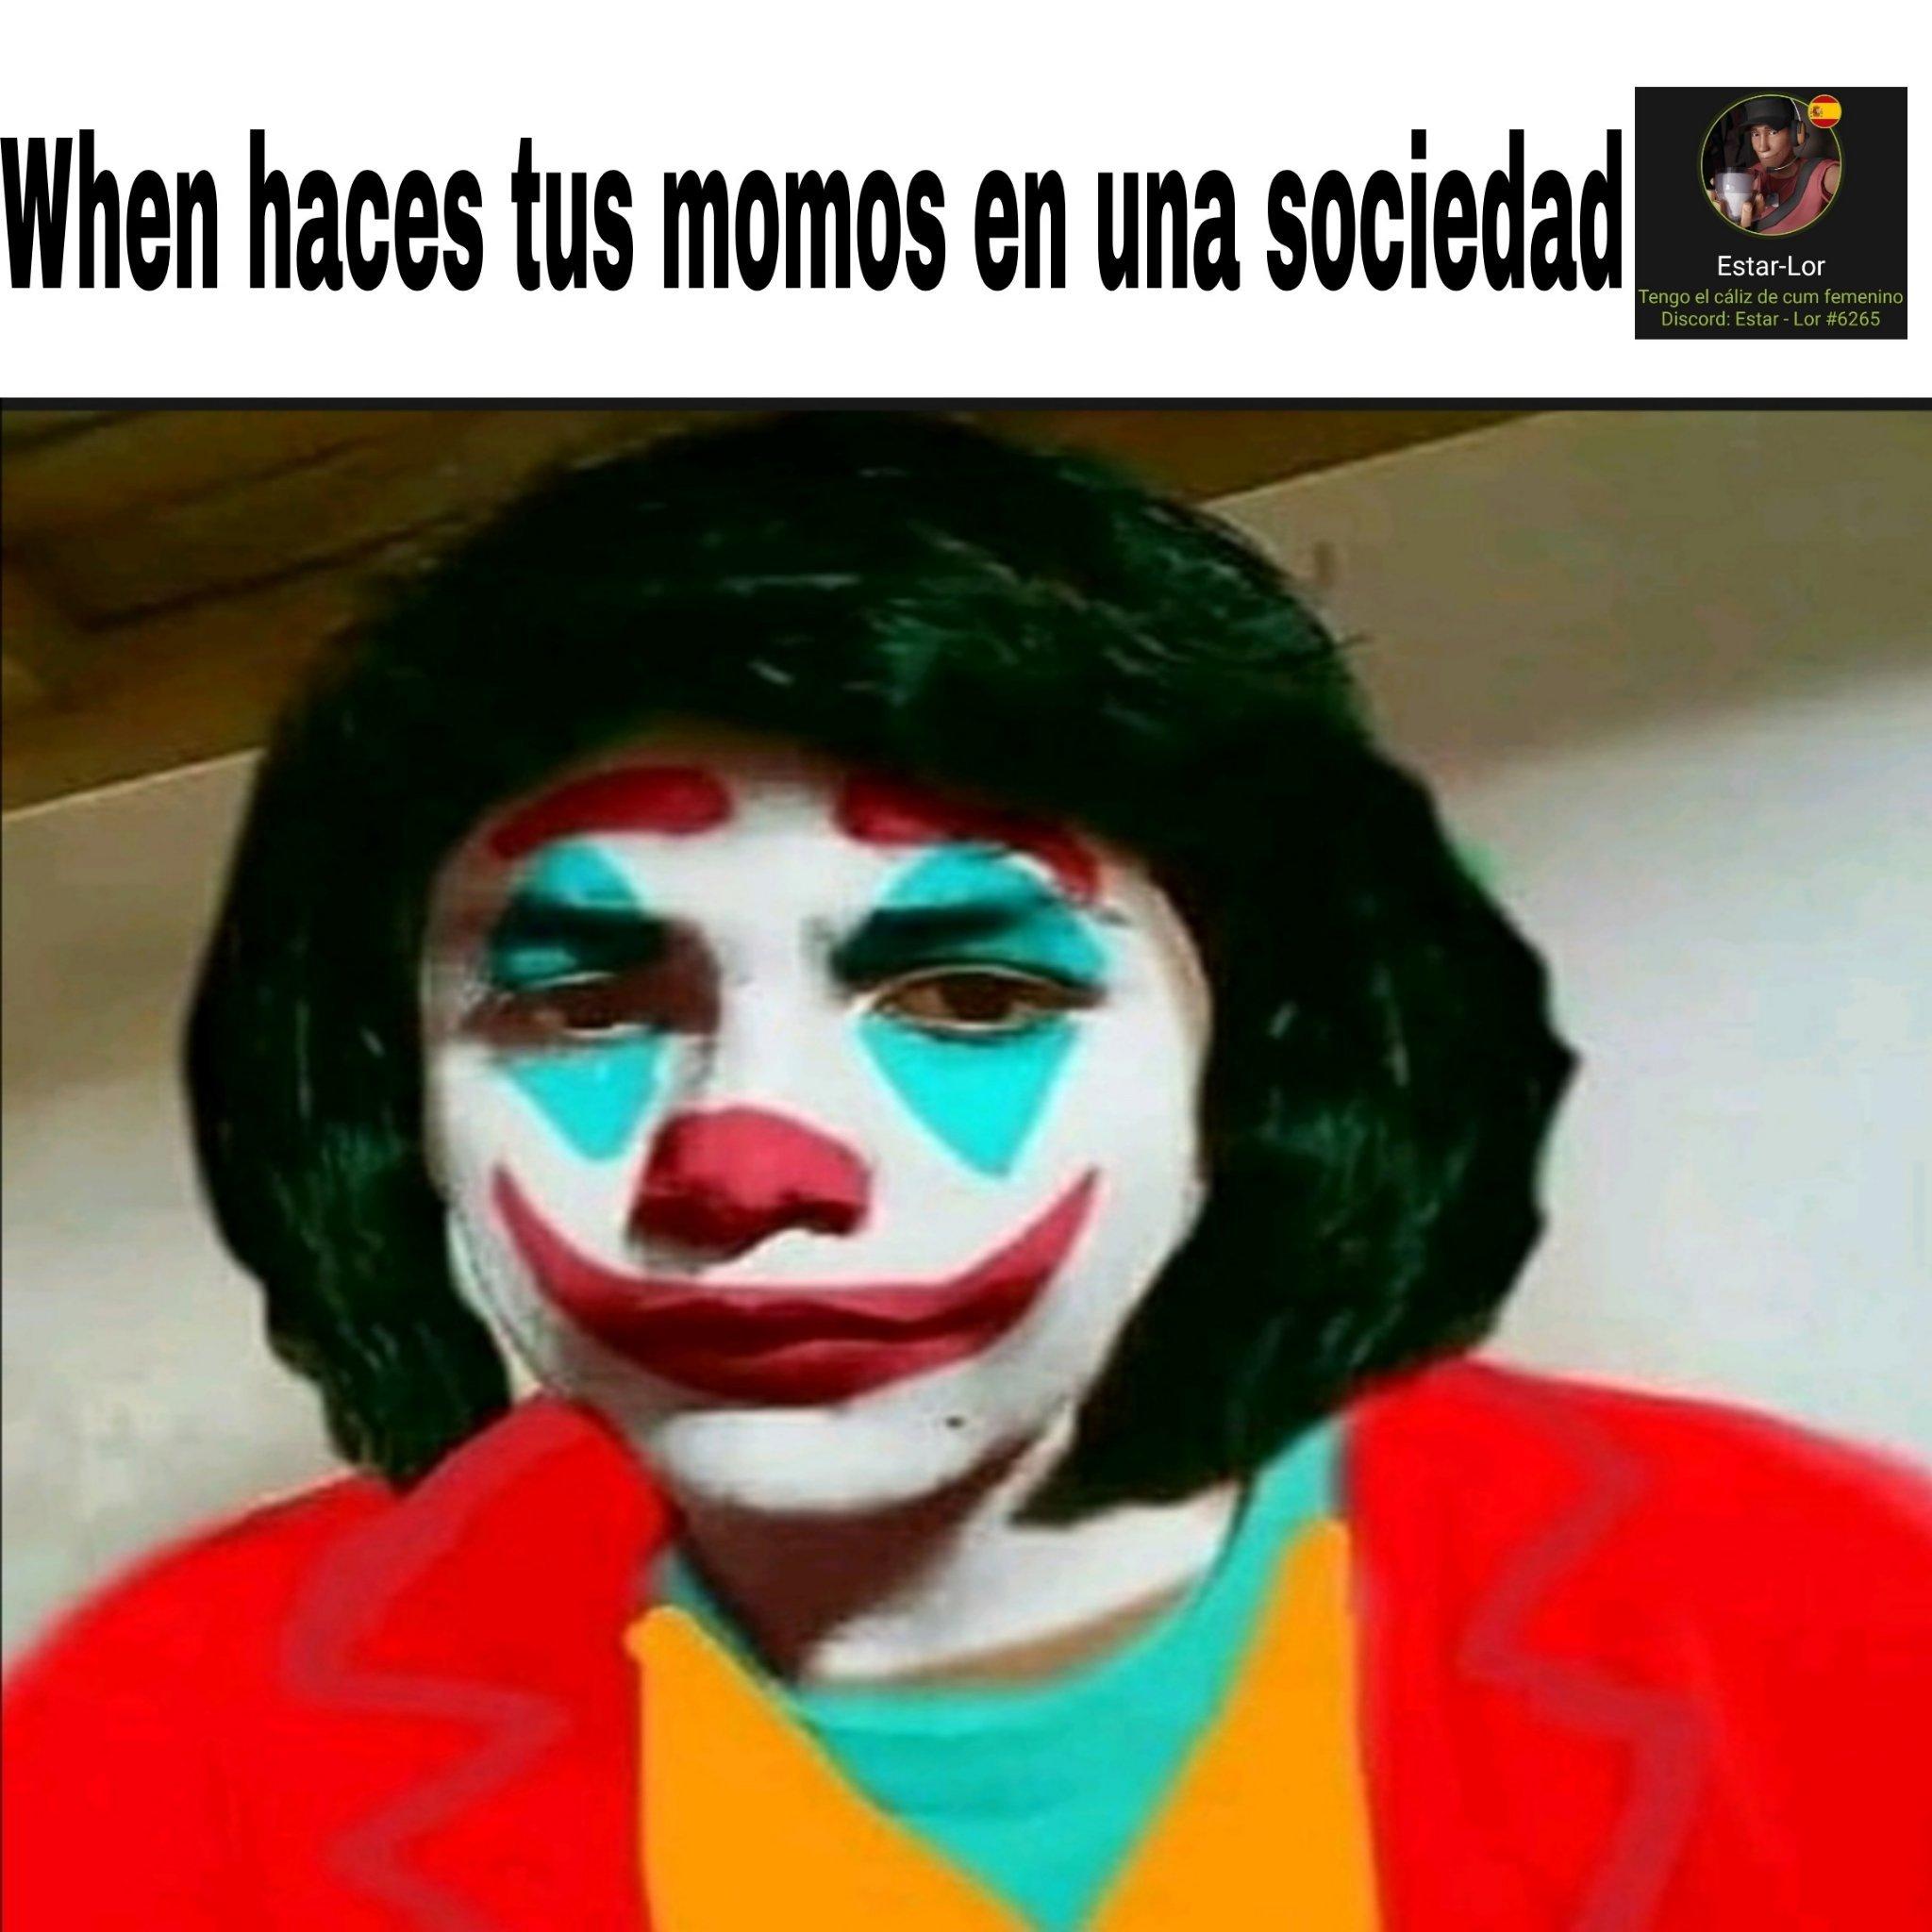 Otalker sociedad - meme